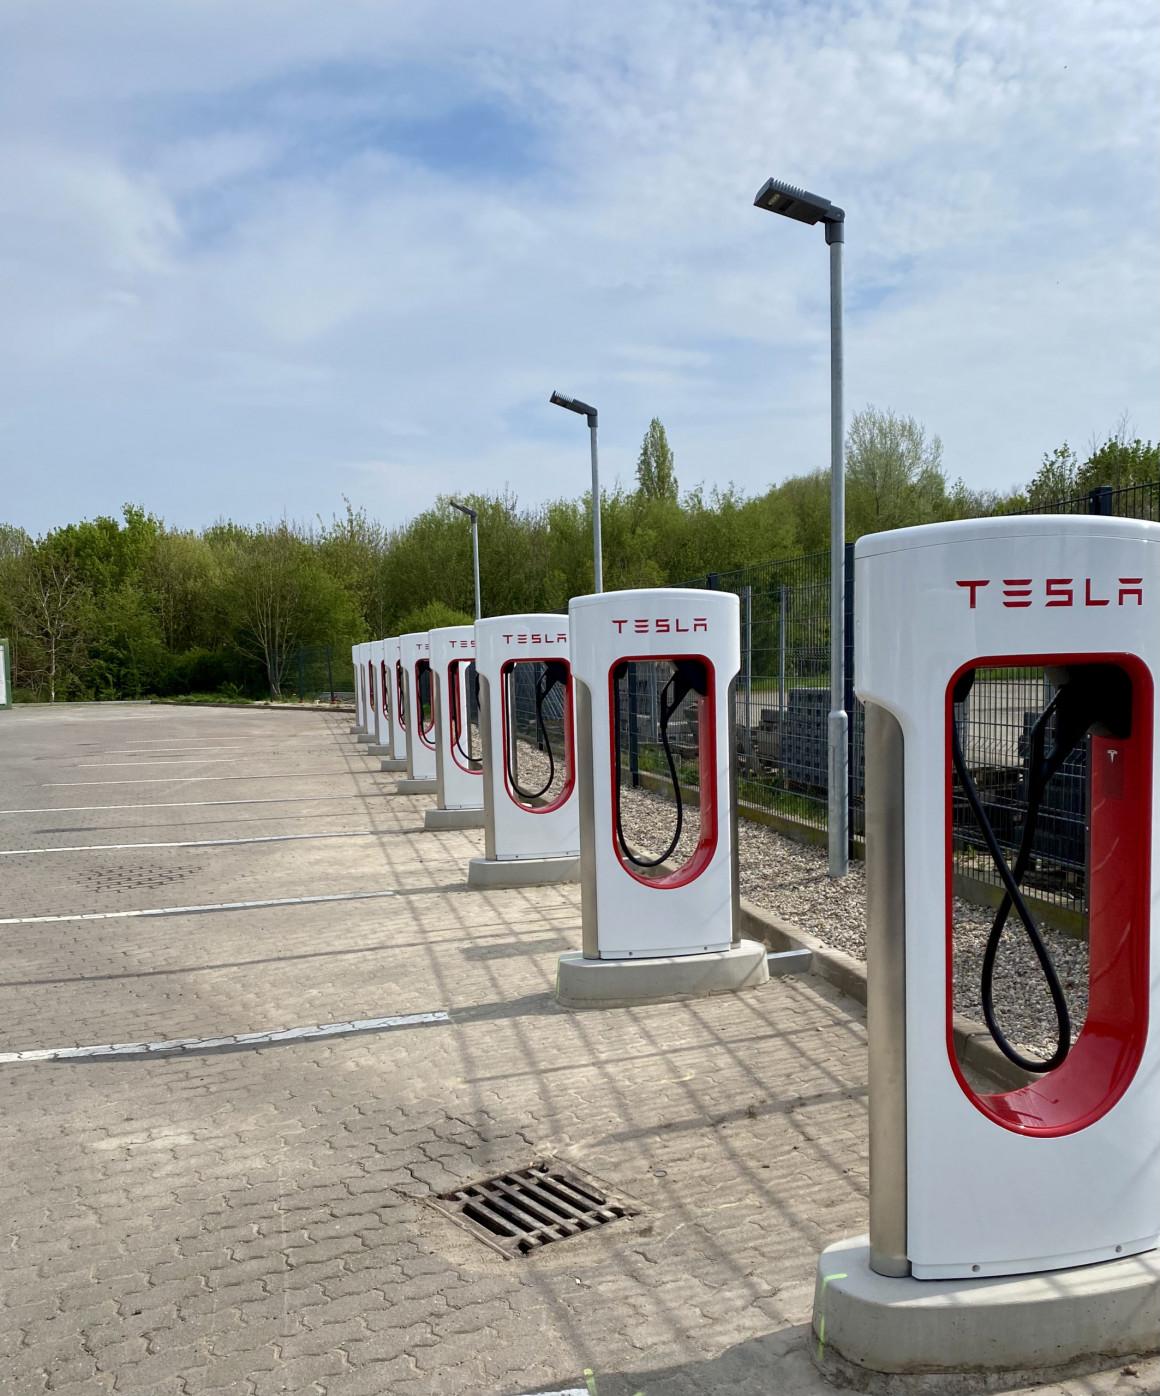 Im Tesla München-Kiel-München in 3 Tagen: ein Powertrip